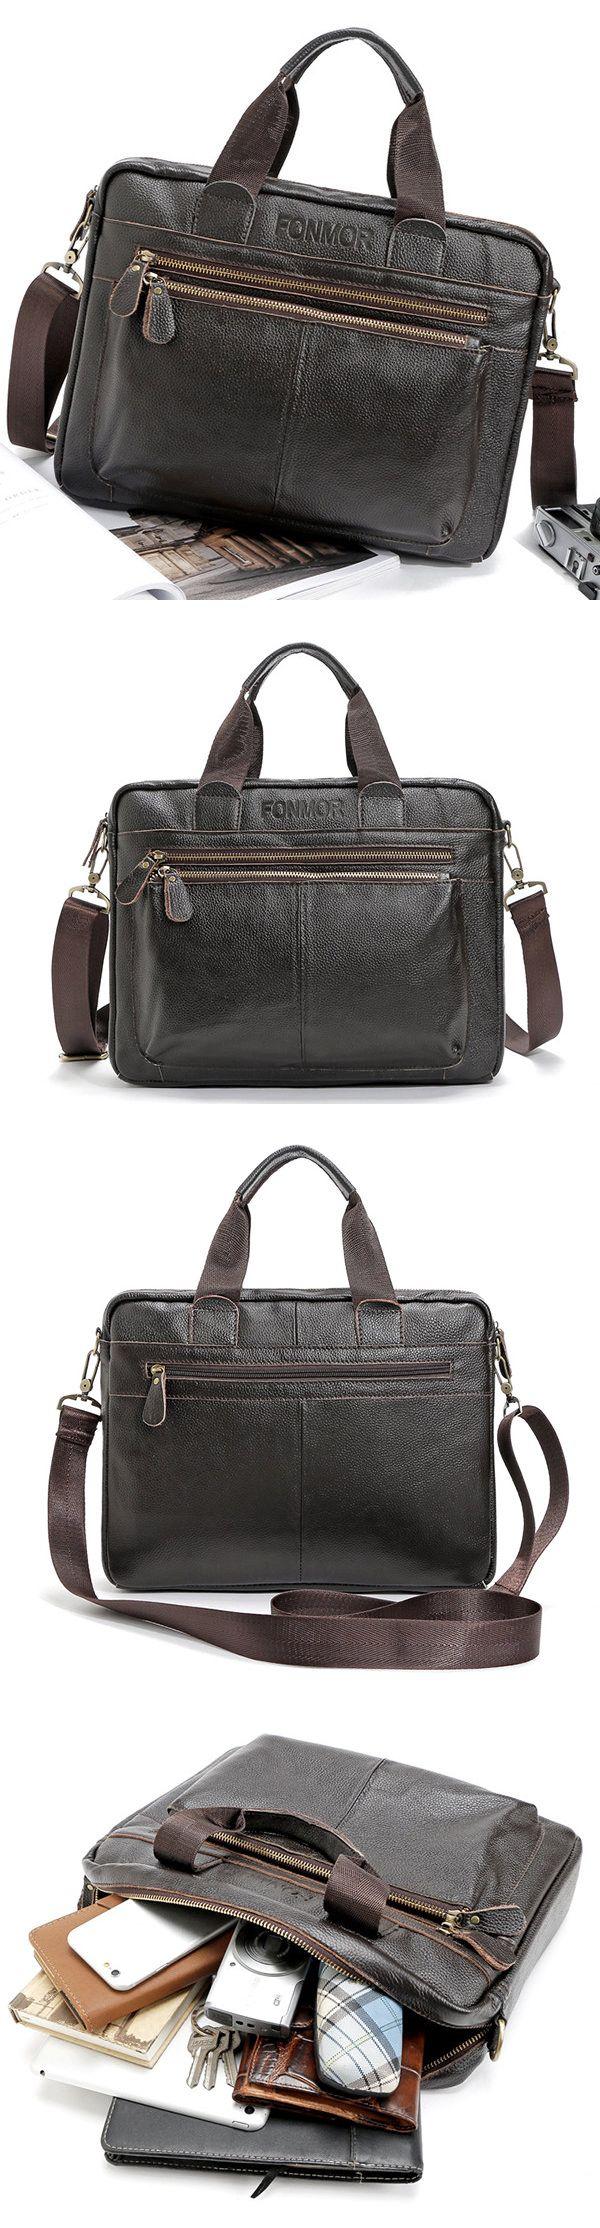 Big Capacity Leather Business Briefcase  /Crossbody Bag /Shoulder Bag for Men